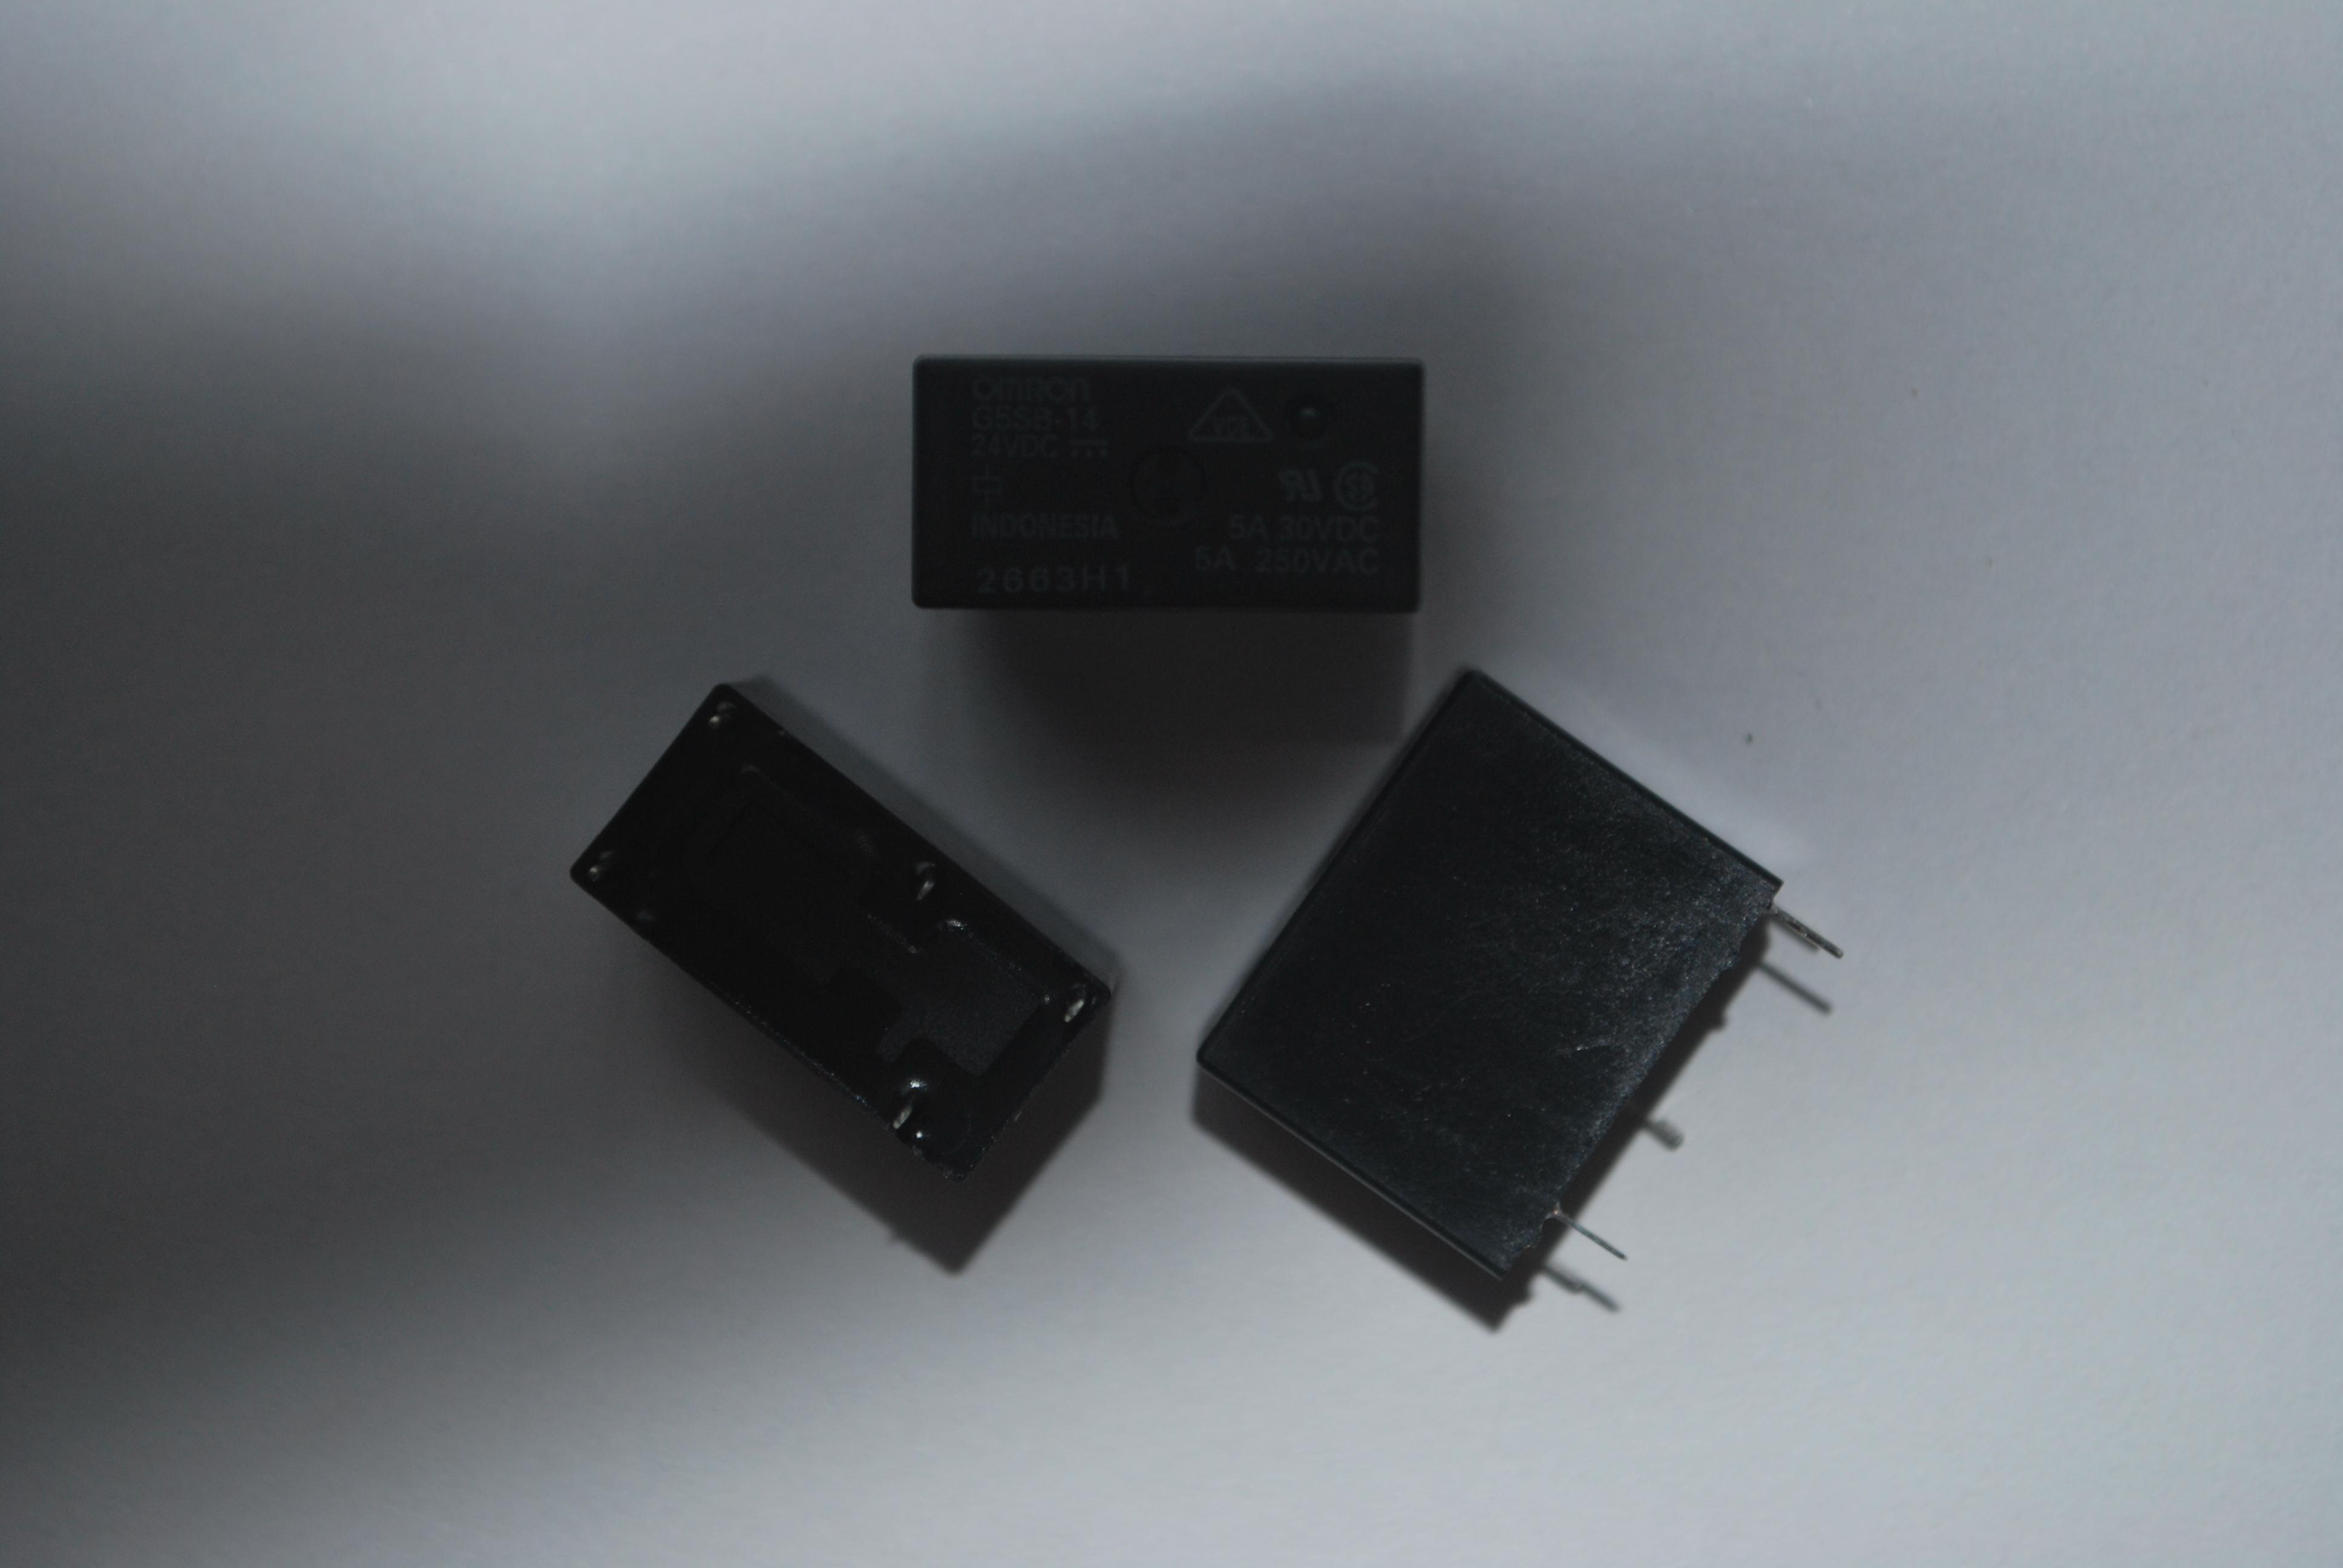 欧姆龙继电器g5sb-14-24v